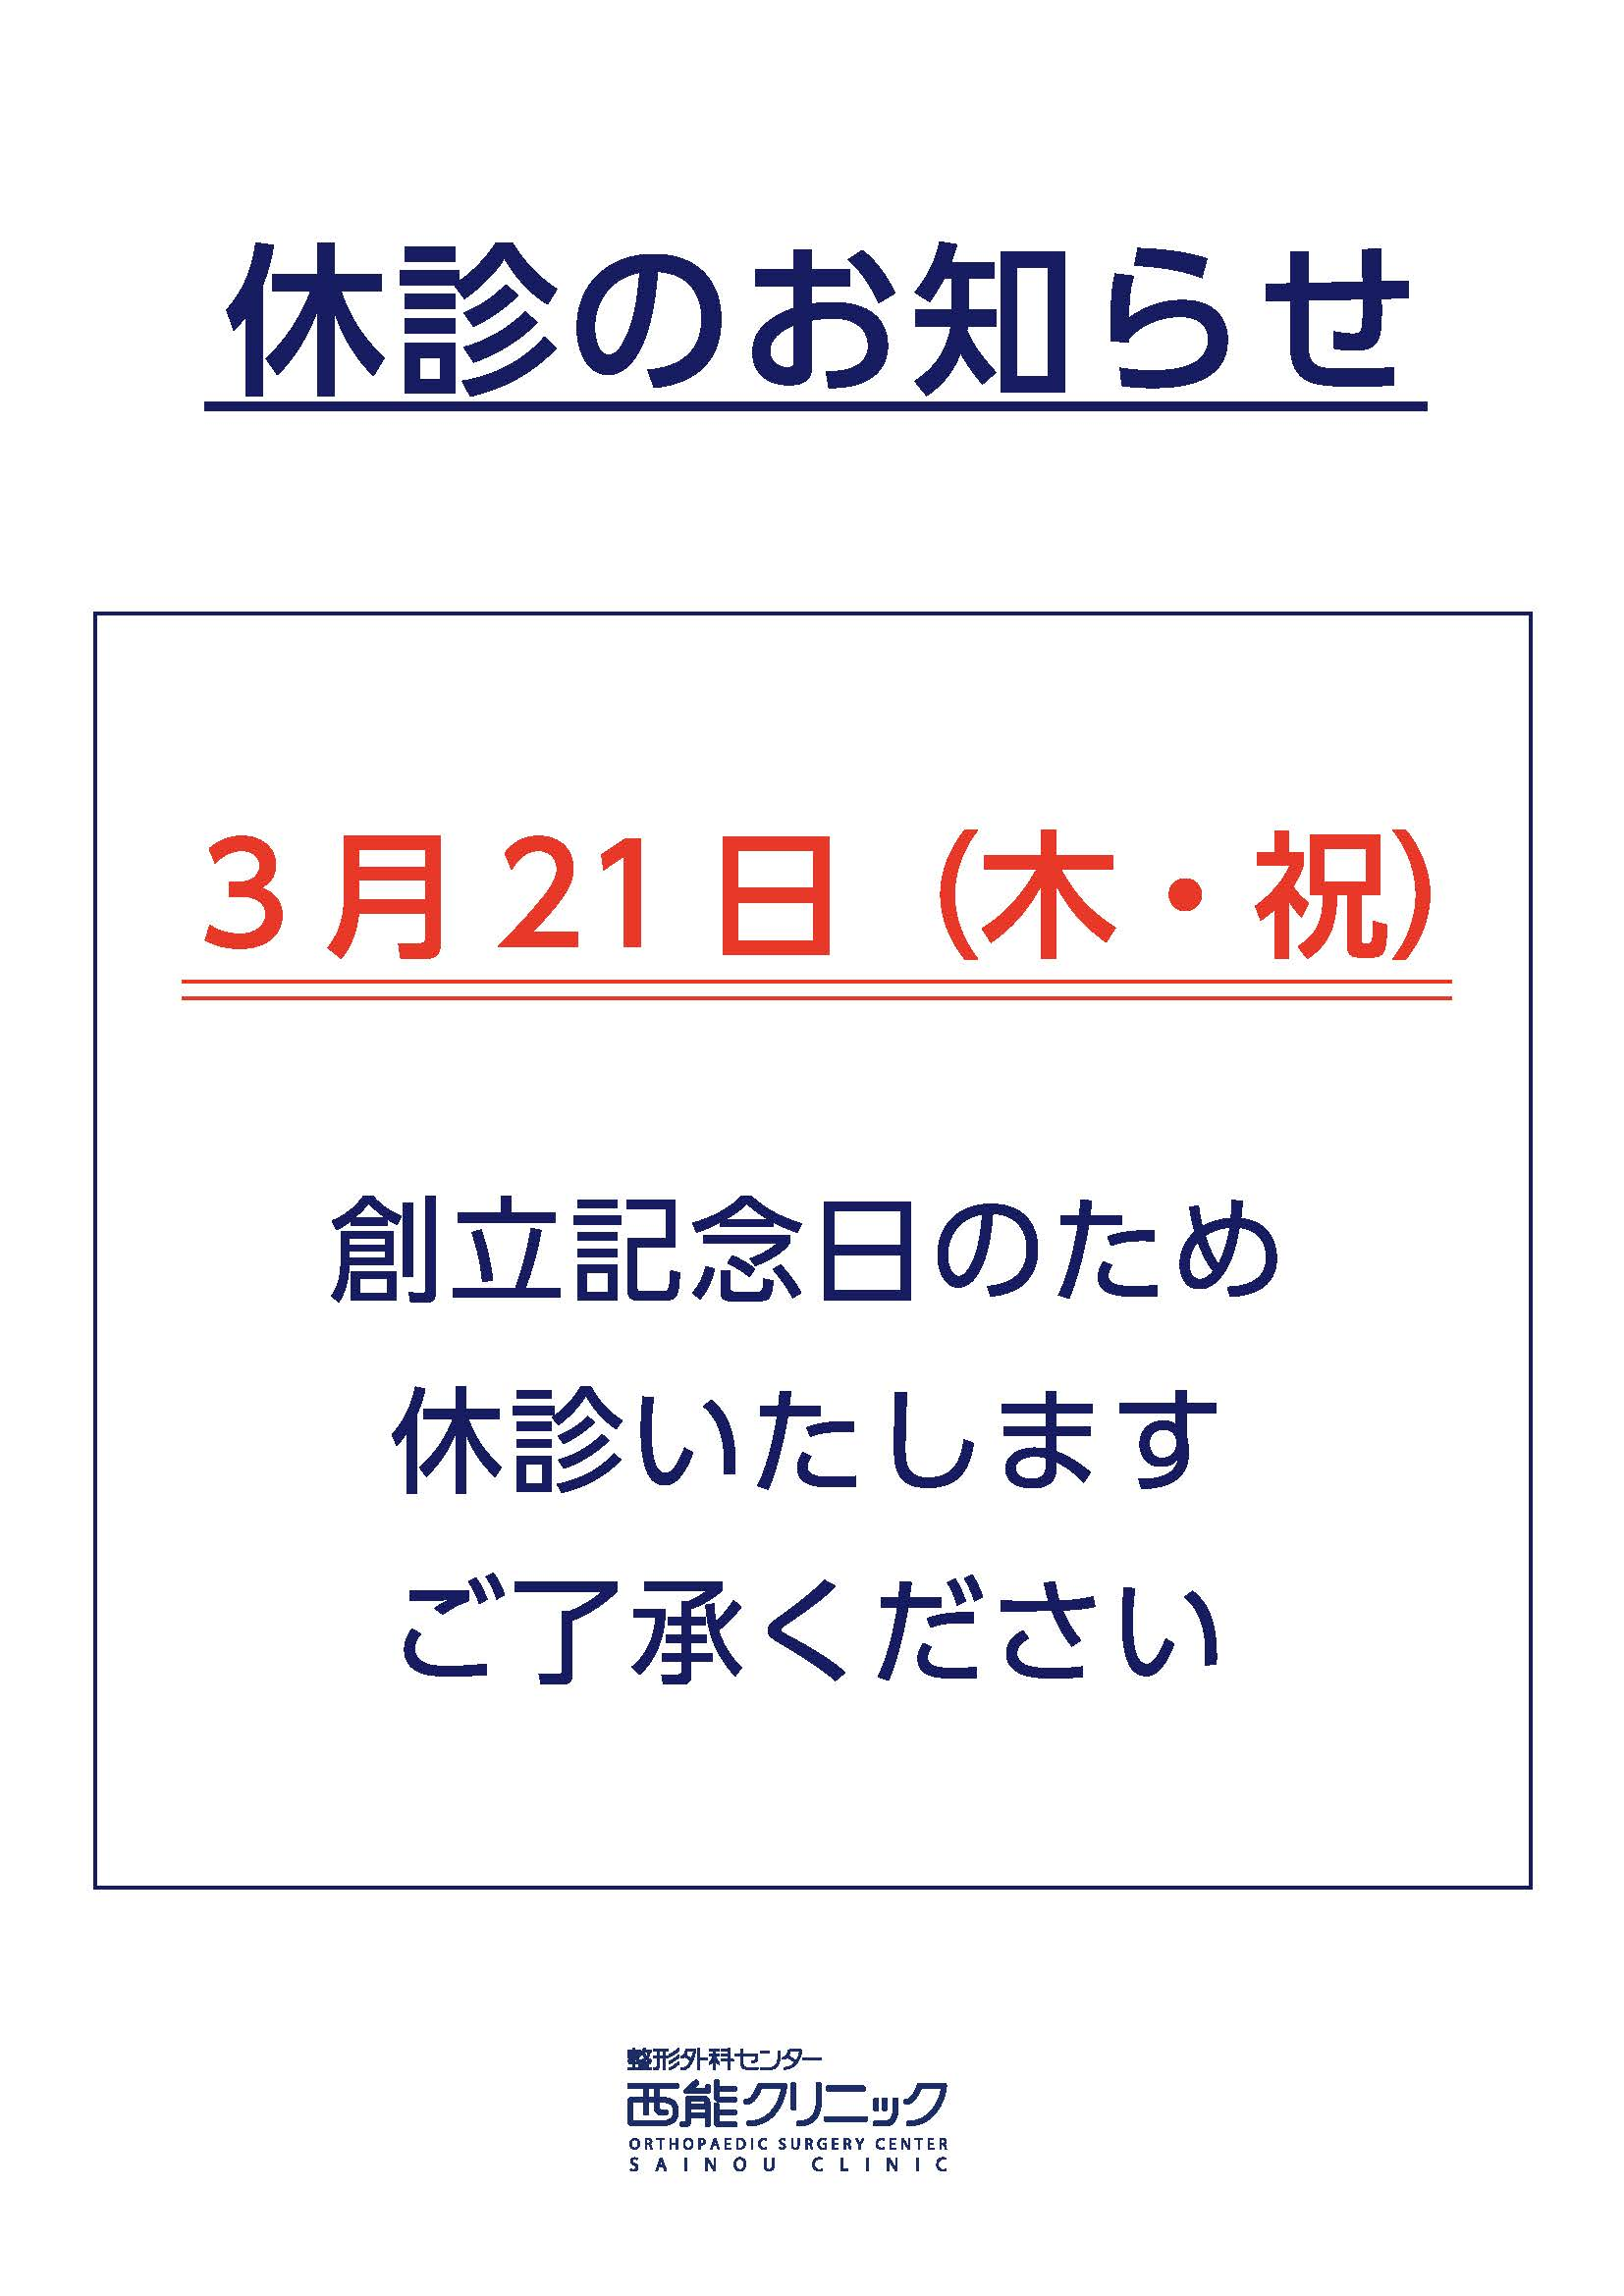 休診のお知らせ 3月21日(木曜日・祝日)は創立記念日のため休診いたします。ご了承ください。